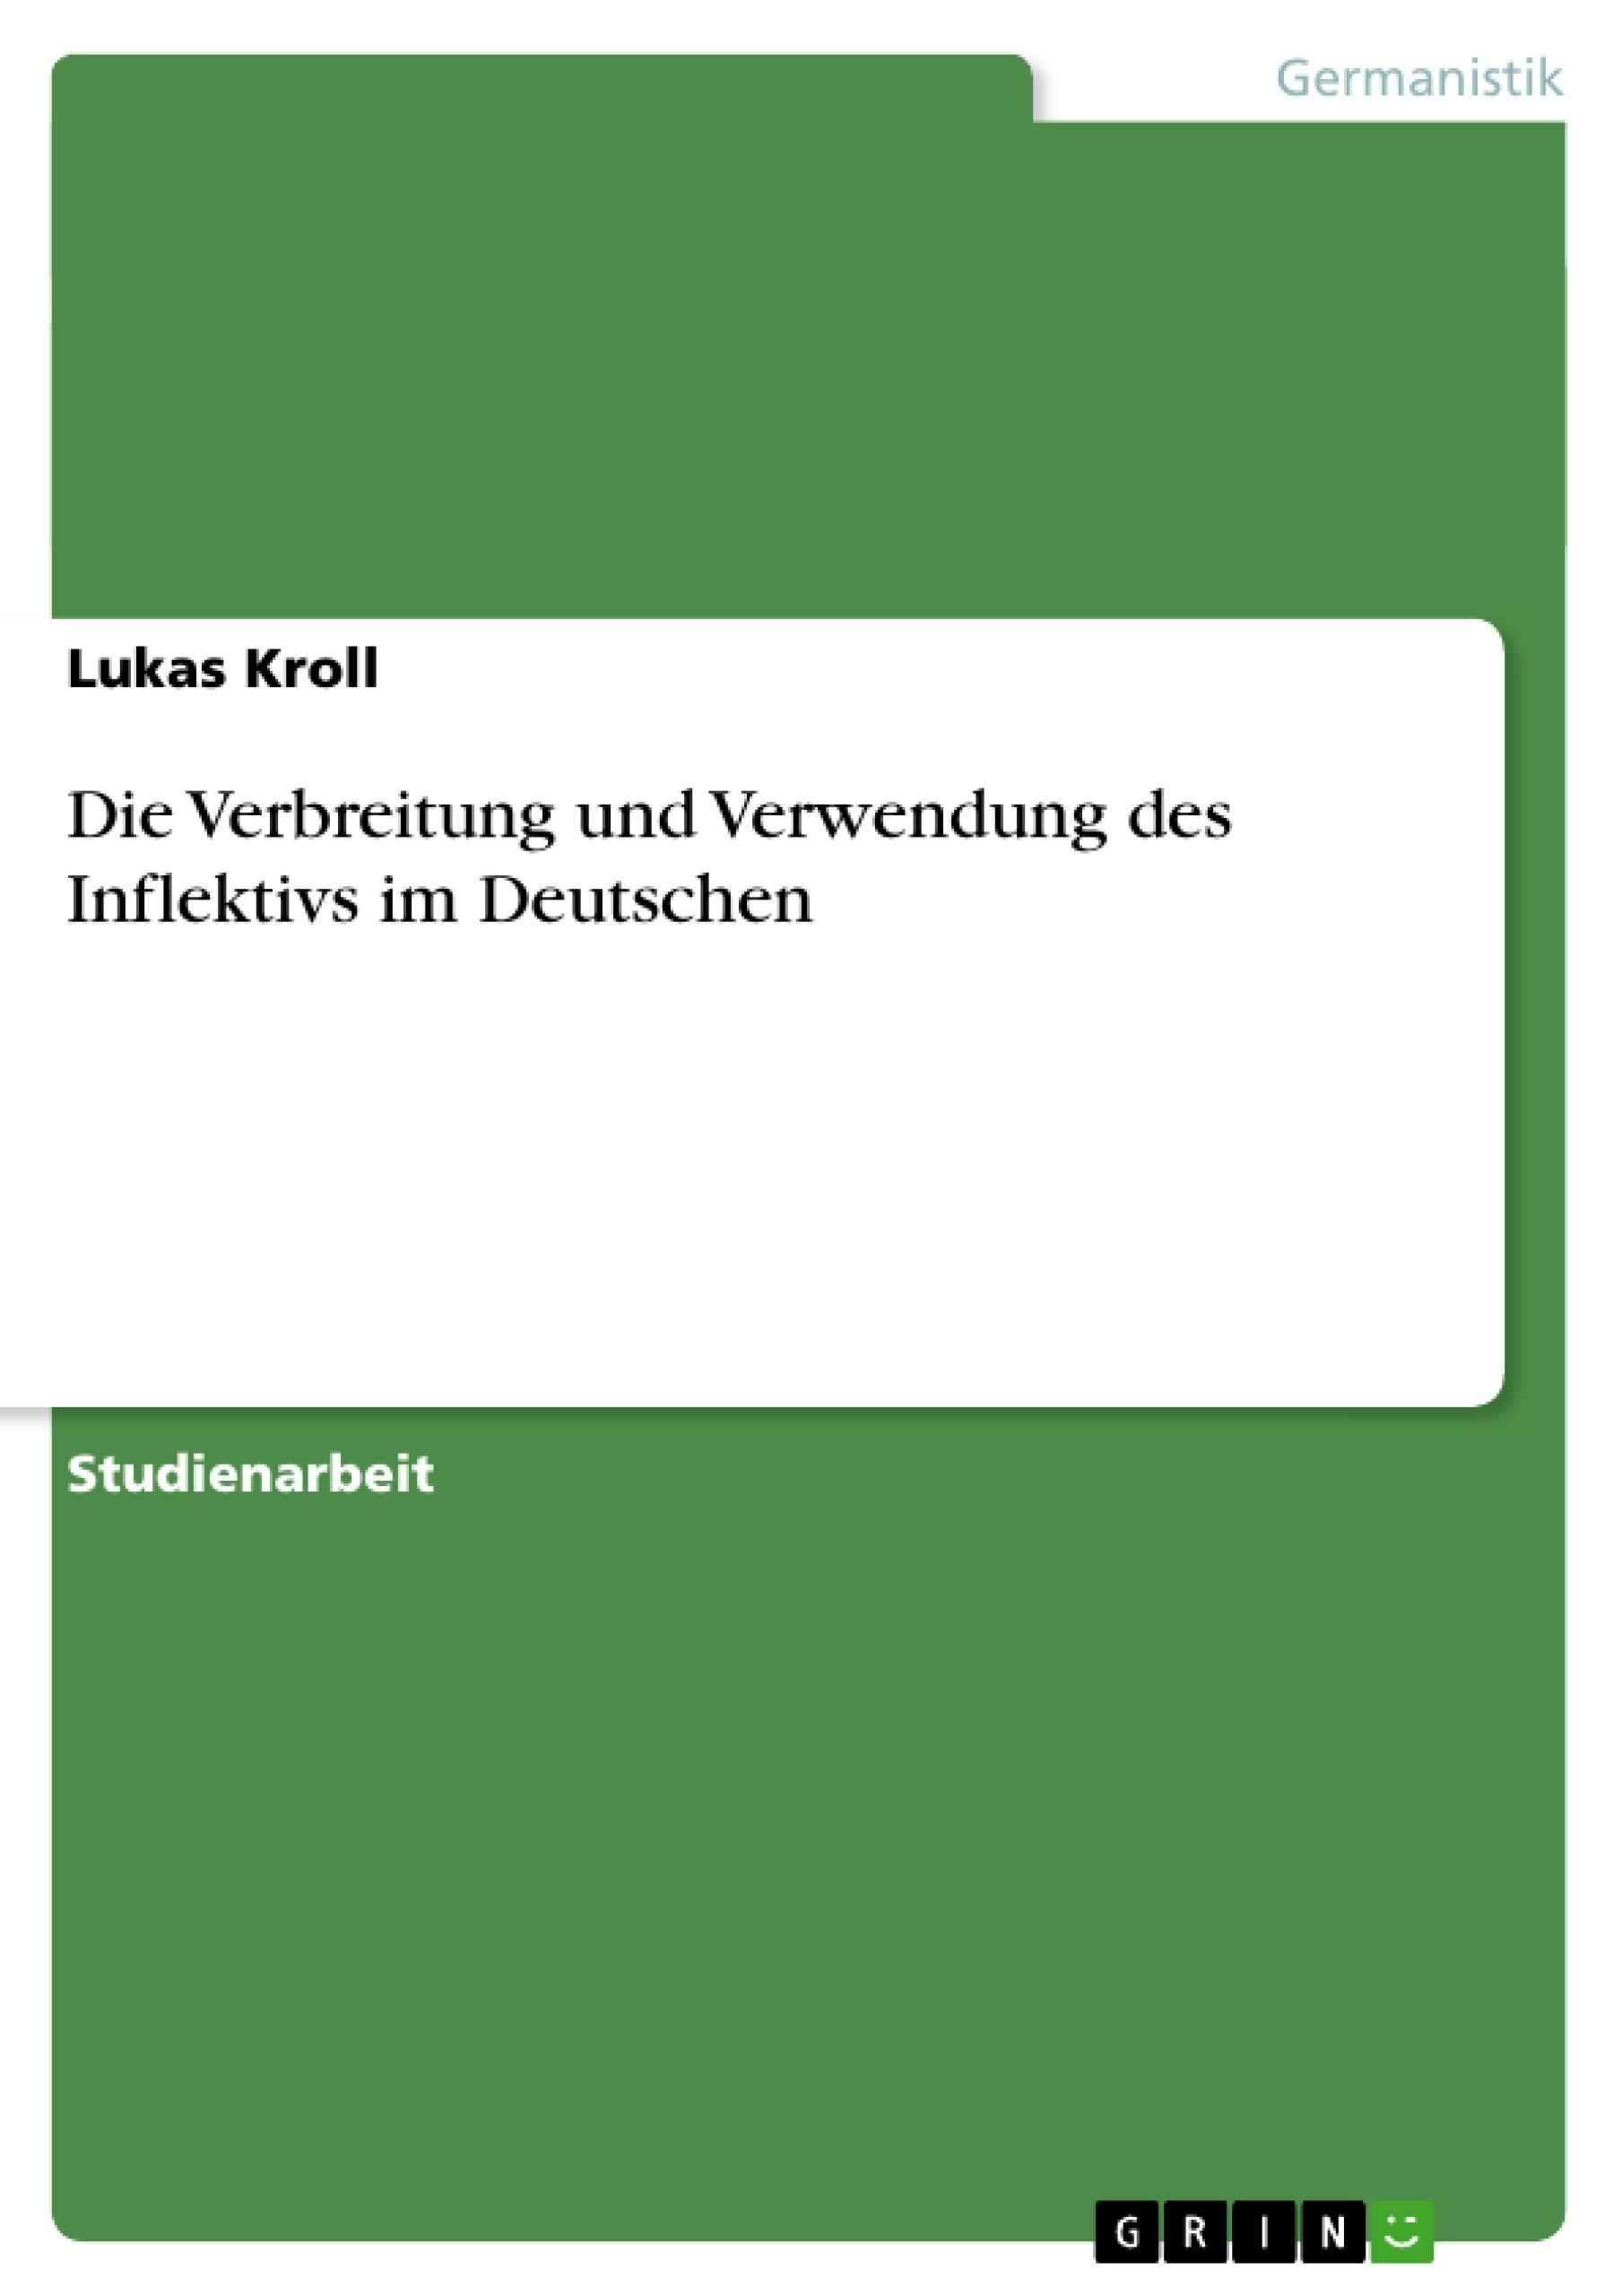 Titel: Die Verbreitung und Verwendung  des Inflektivs im Deutschen